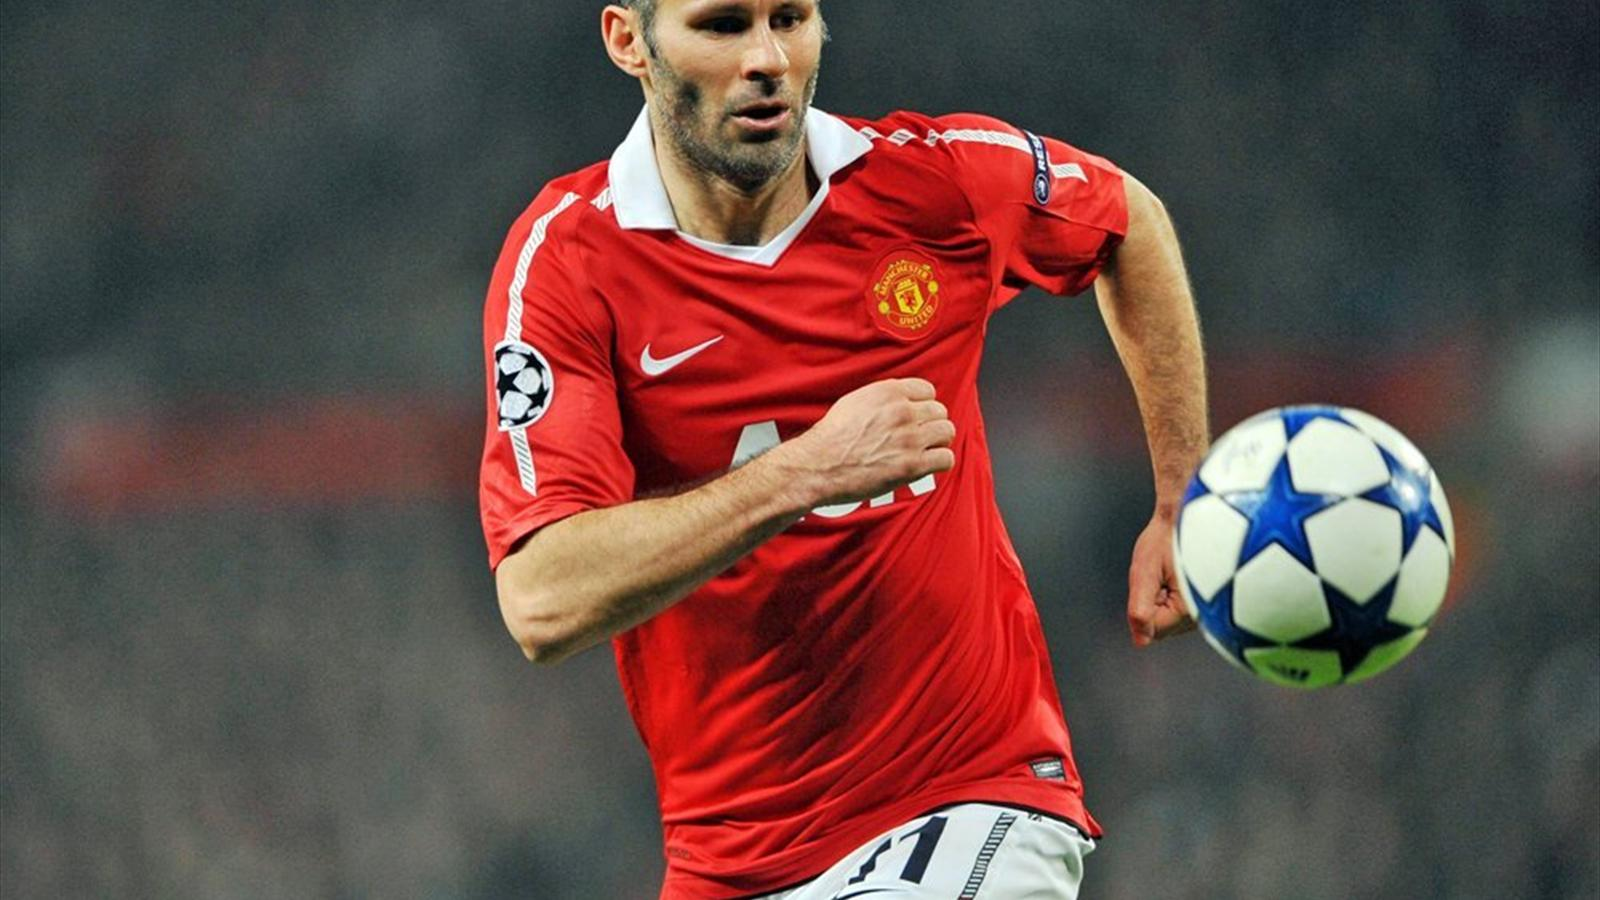 Ryan Giggs: Manchester United averaj takımı değil ...Ryan Giggs 2013 2014